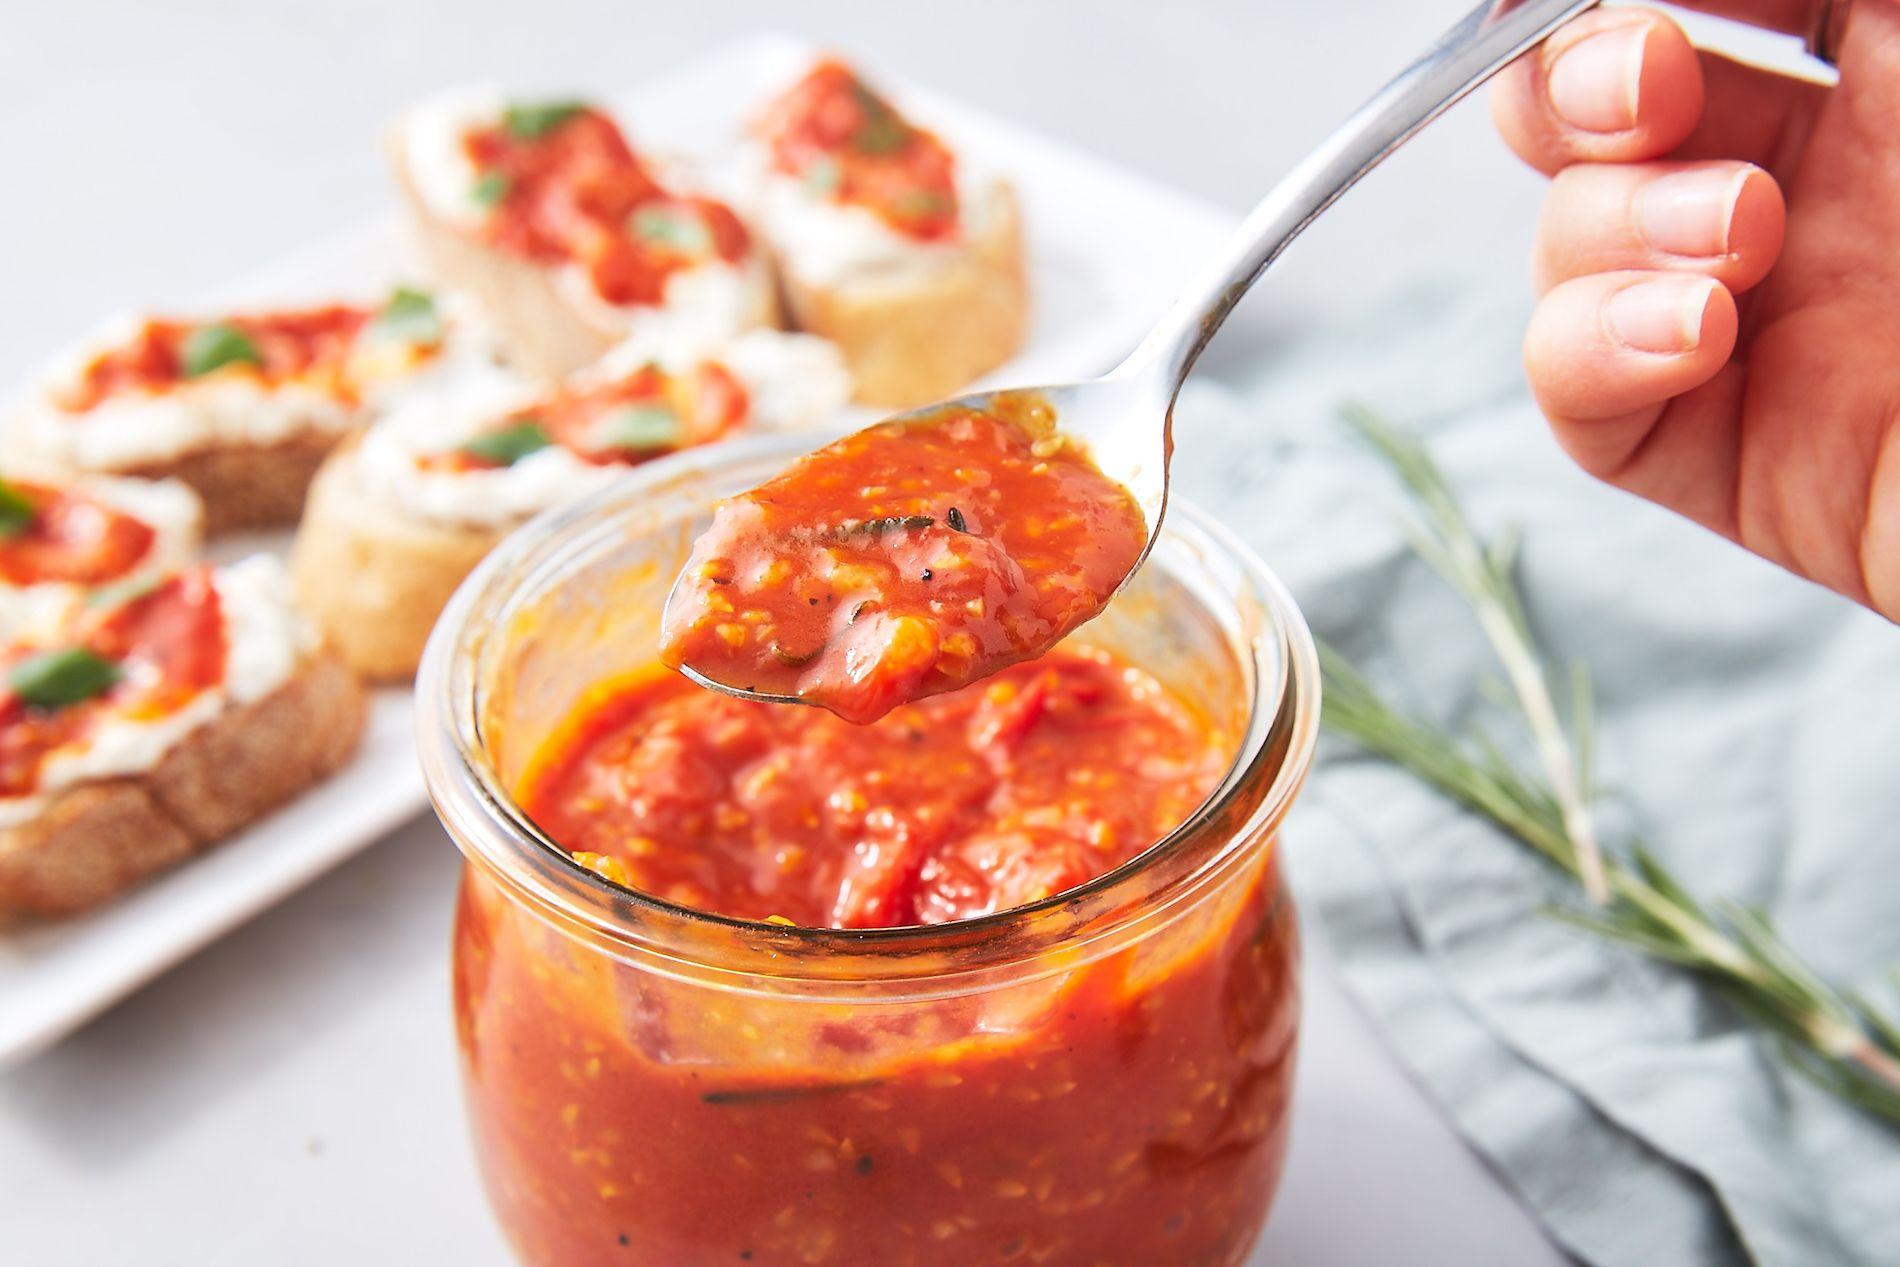 Rosemary Tomato Jam